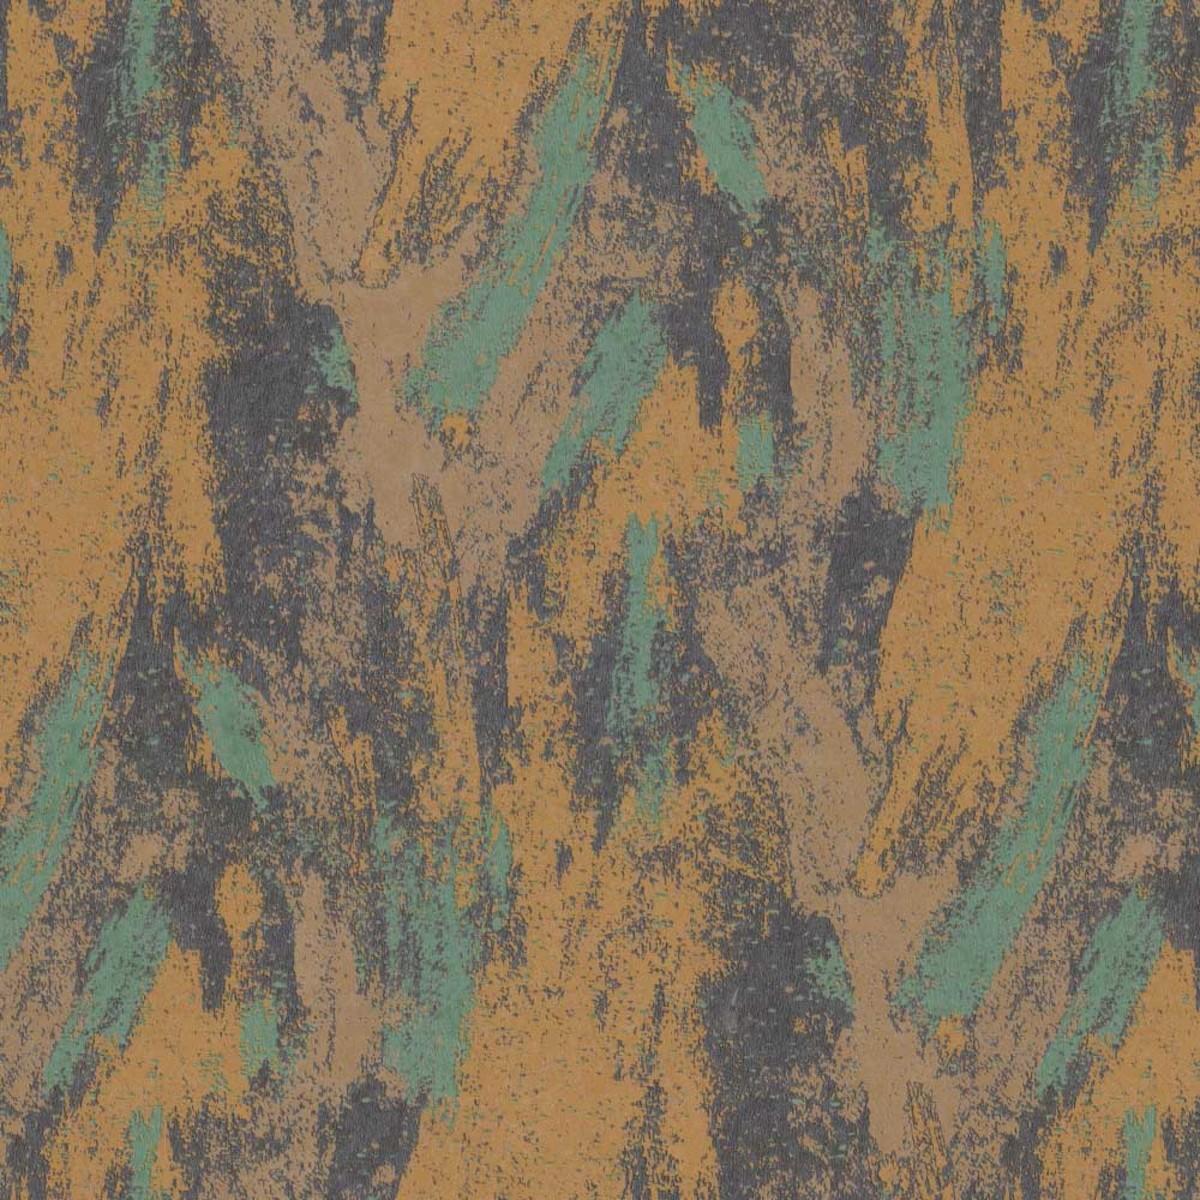 Обои флизелиновые Палитра Irbis зеленые PL71436-87 1.06 м